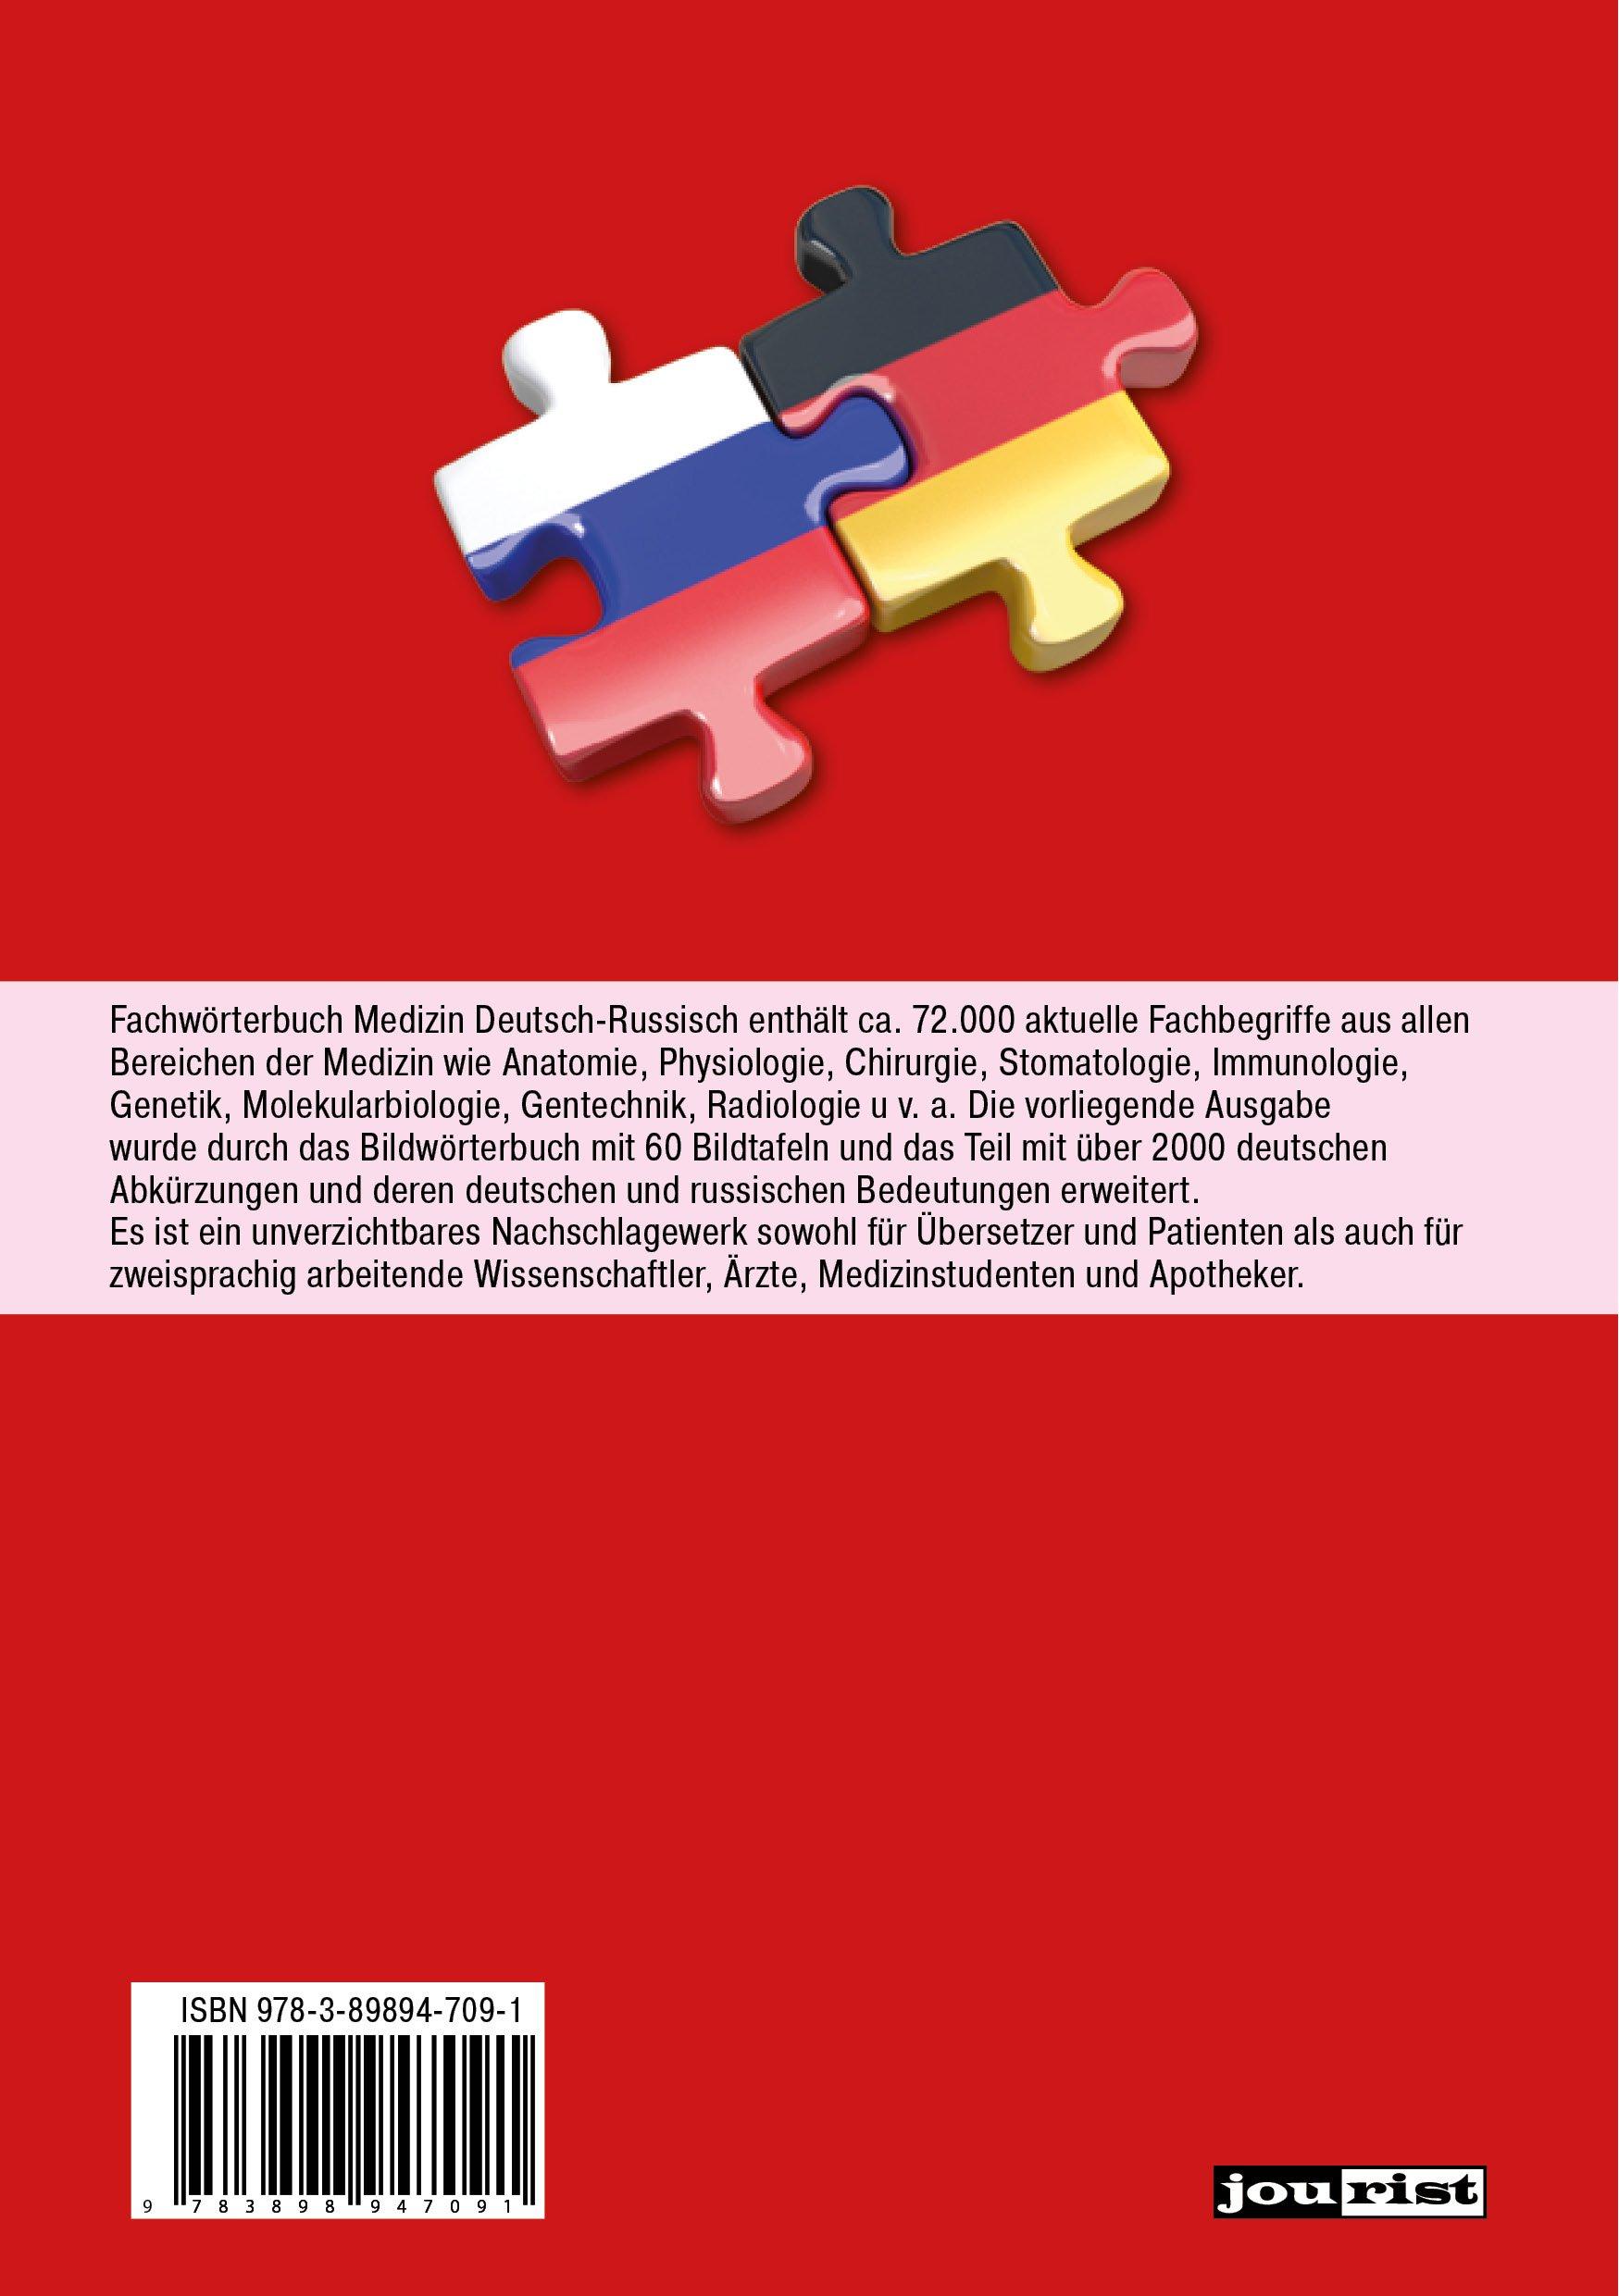 Fachwörterbuch Medizin Deutsch-Russisch: Mit Bildwörterbuch und ...